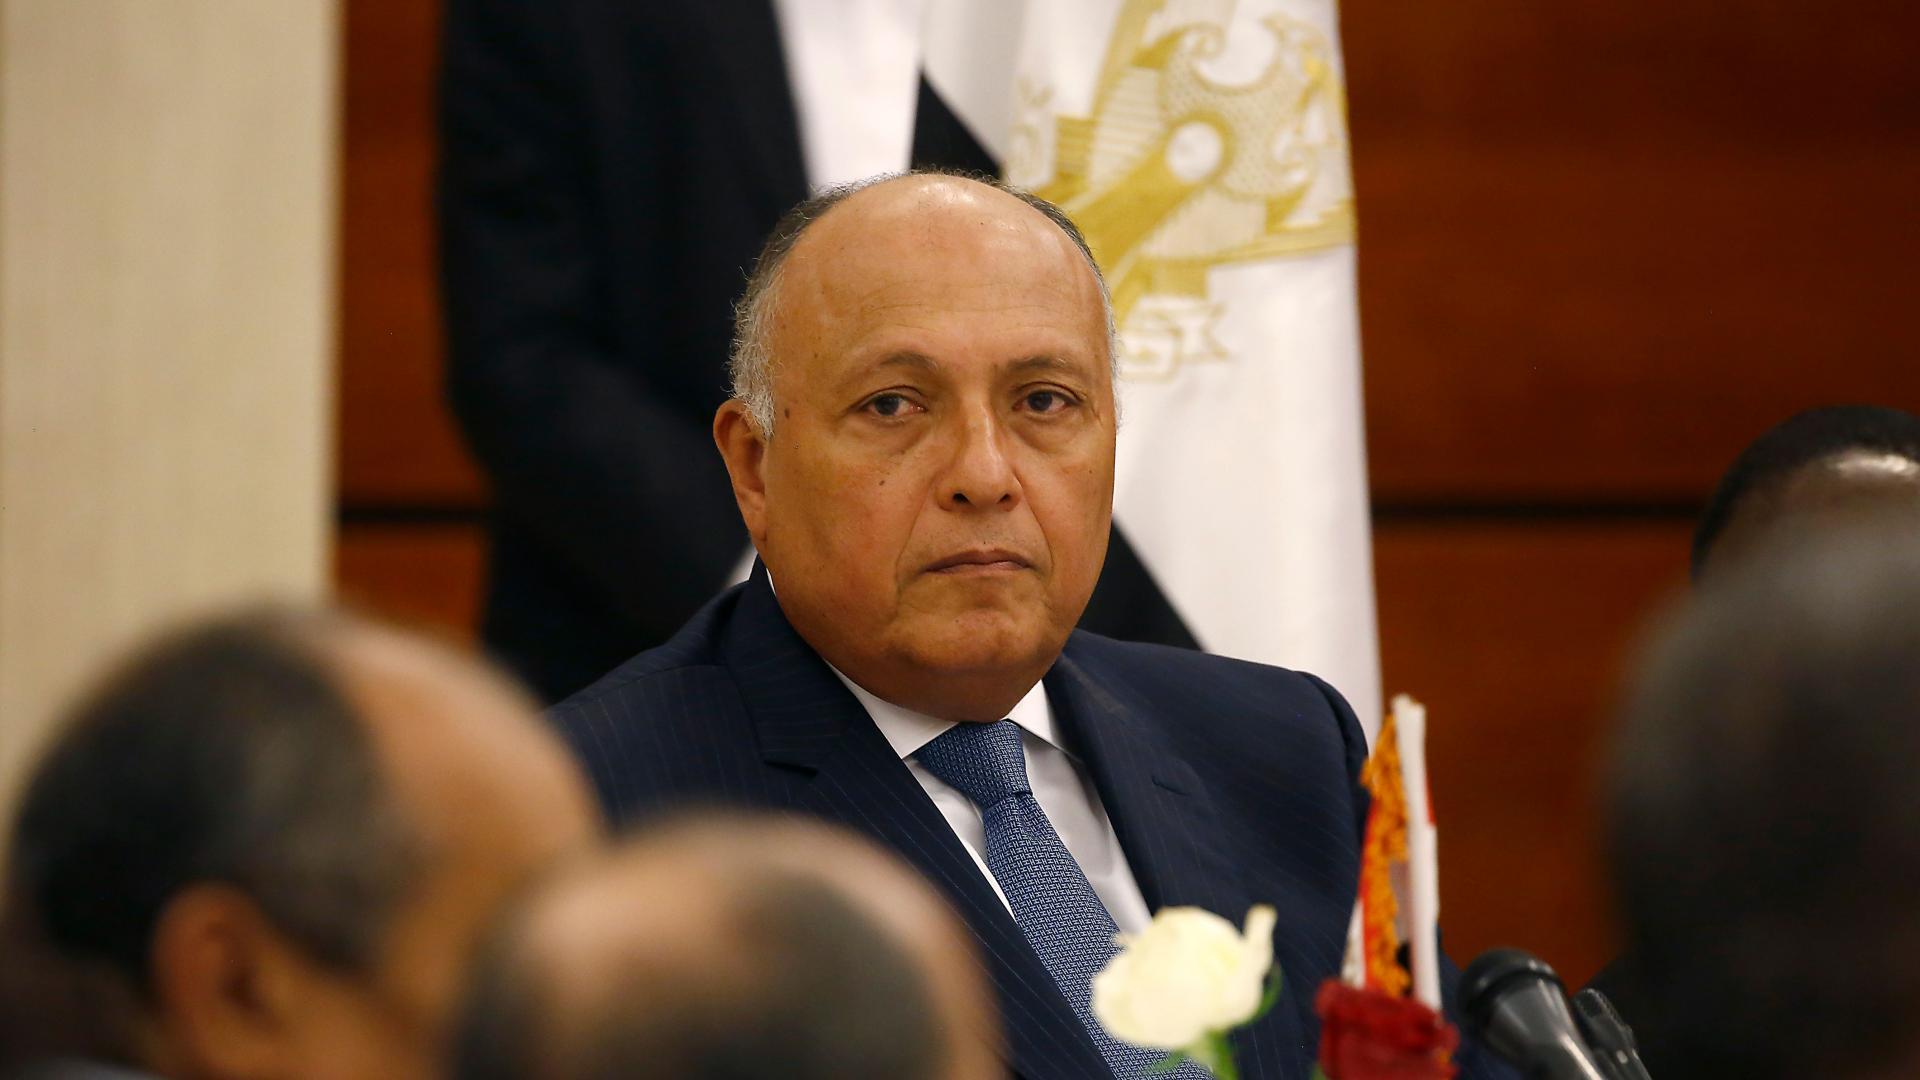 """الرميحي يرد على وزير خارجية مصر: سهل توزيع الاتهامات من """"نظام فاشل"""""""